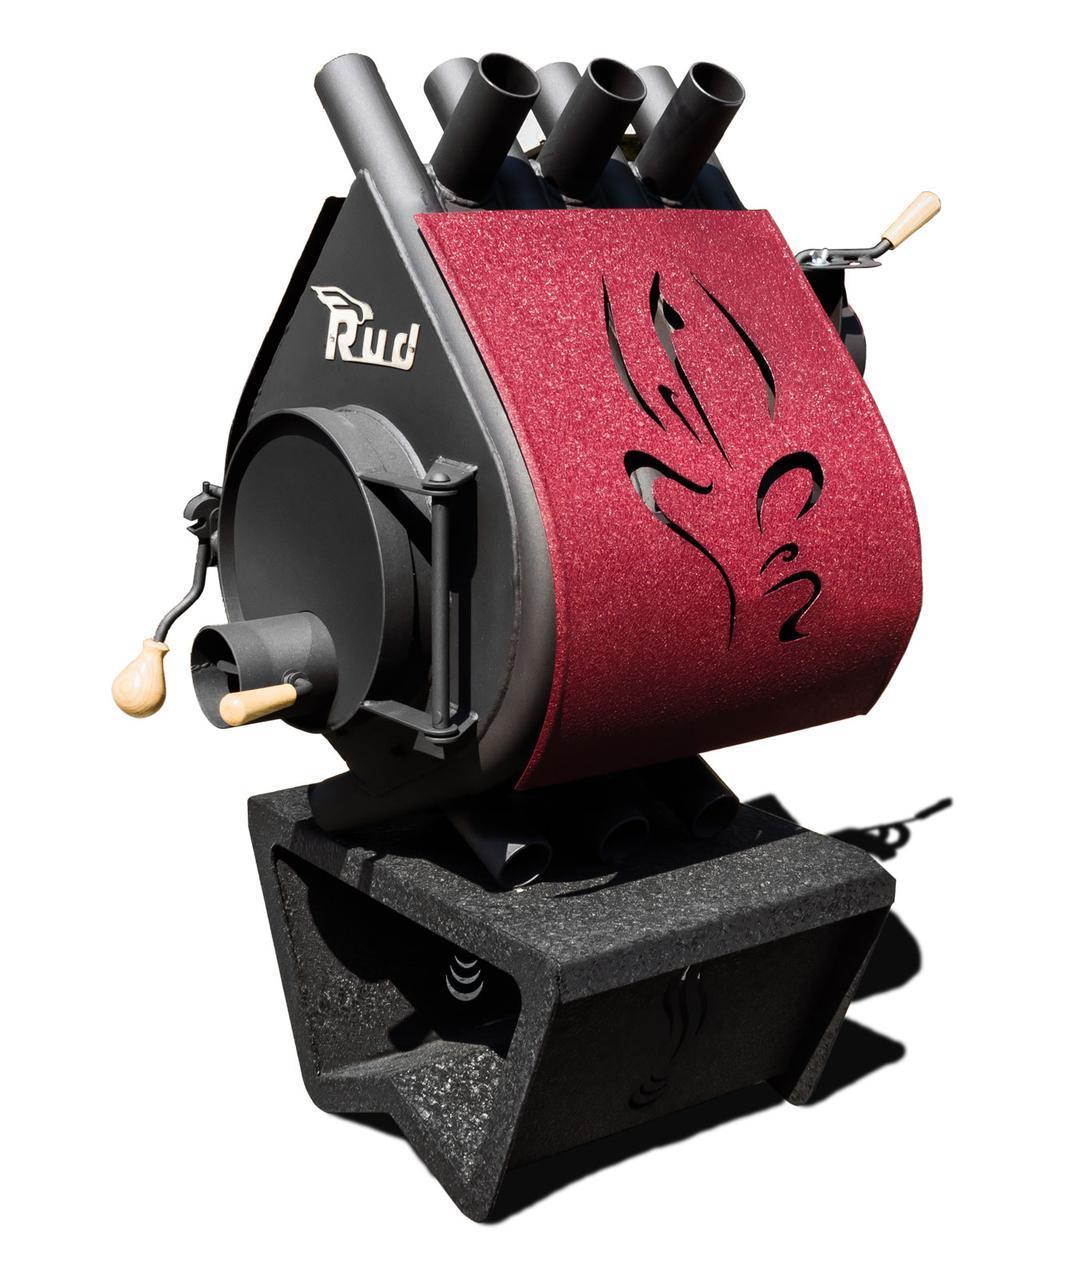 Печь Rud Pyrotron Кантри 00 (отапливаемая площадь 40 кв.м. х 2,5 м) без стекла, с обшивкой декоративной (бордовая)